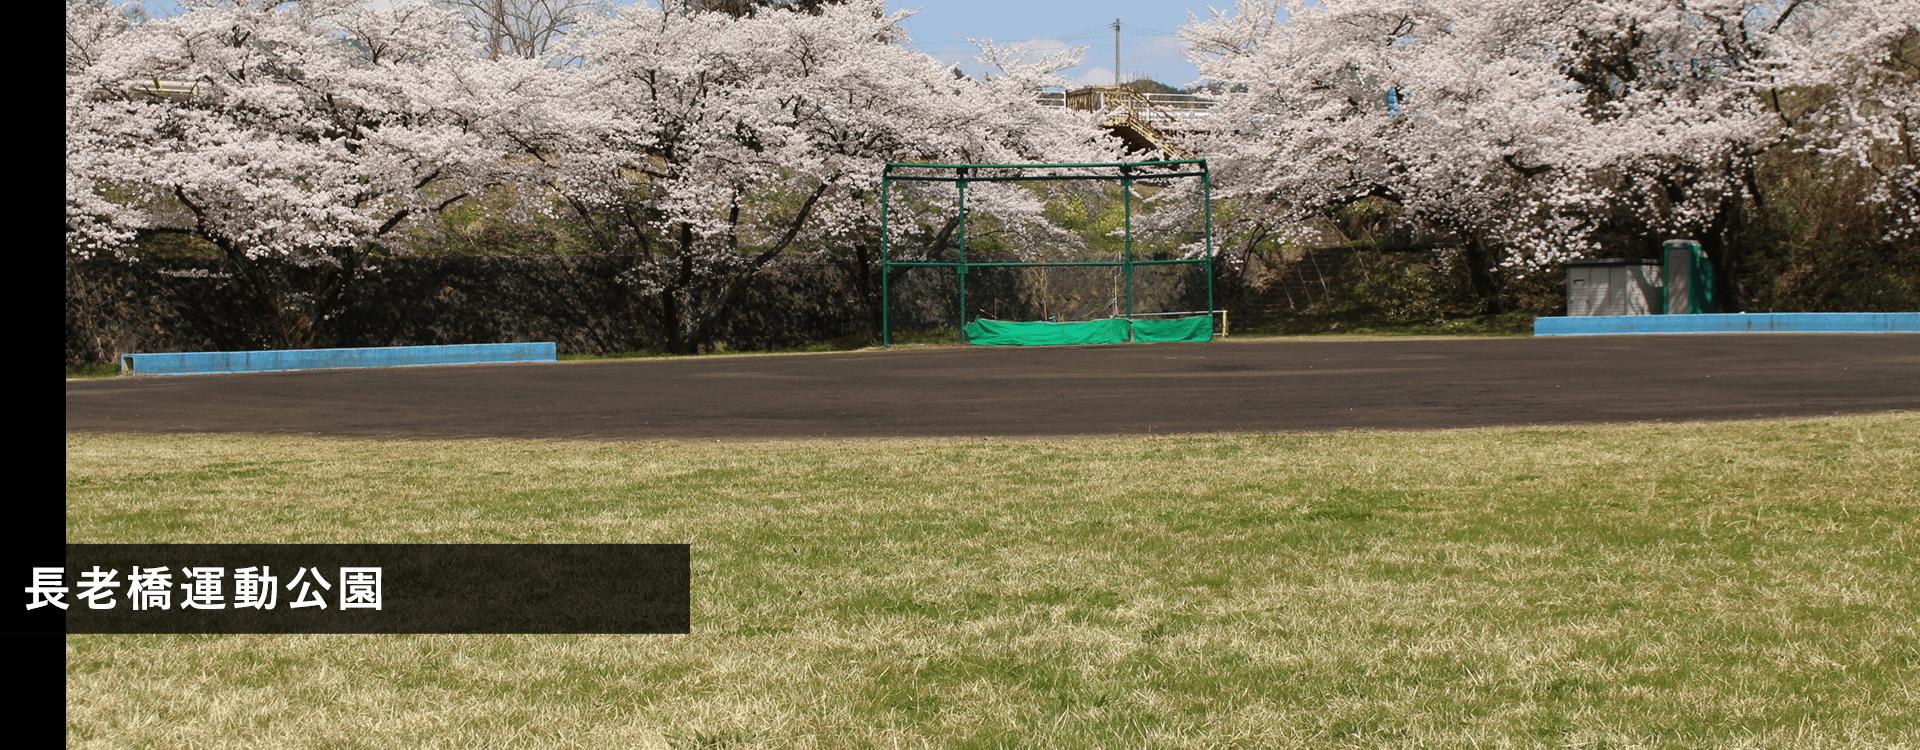 長老橋運動公園